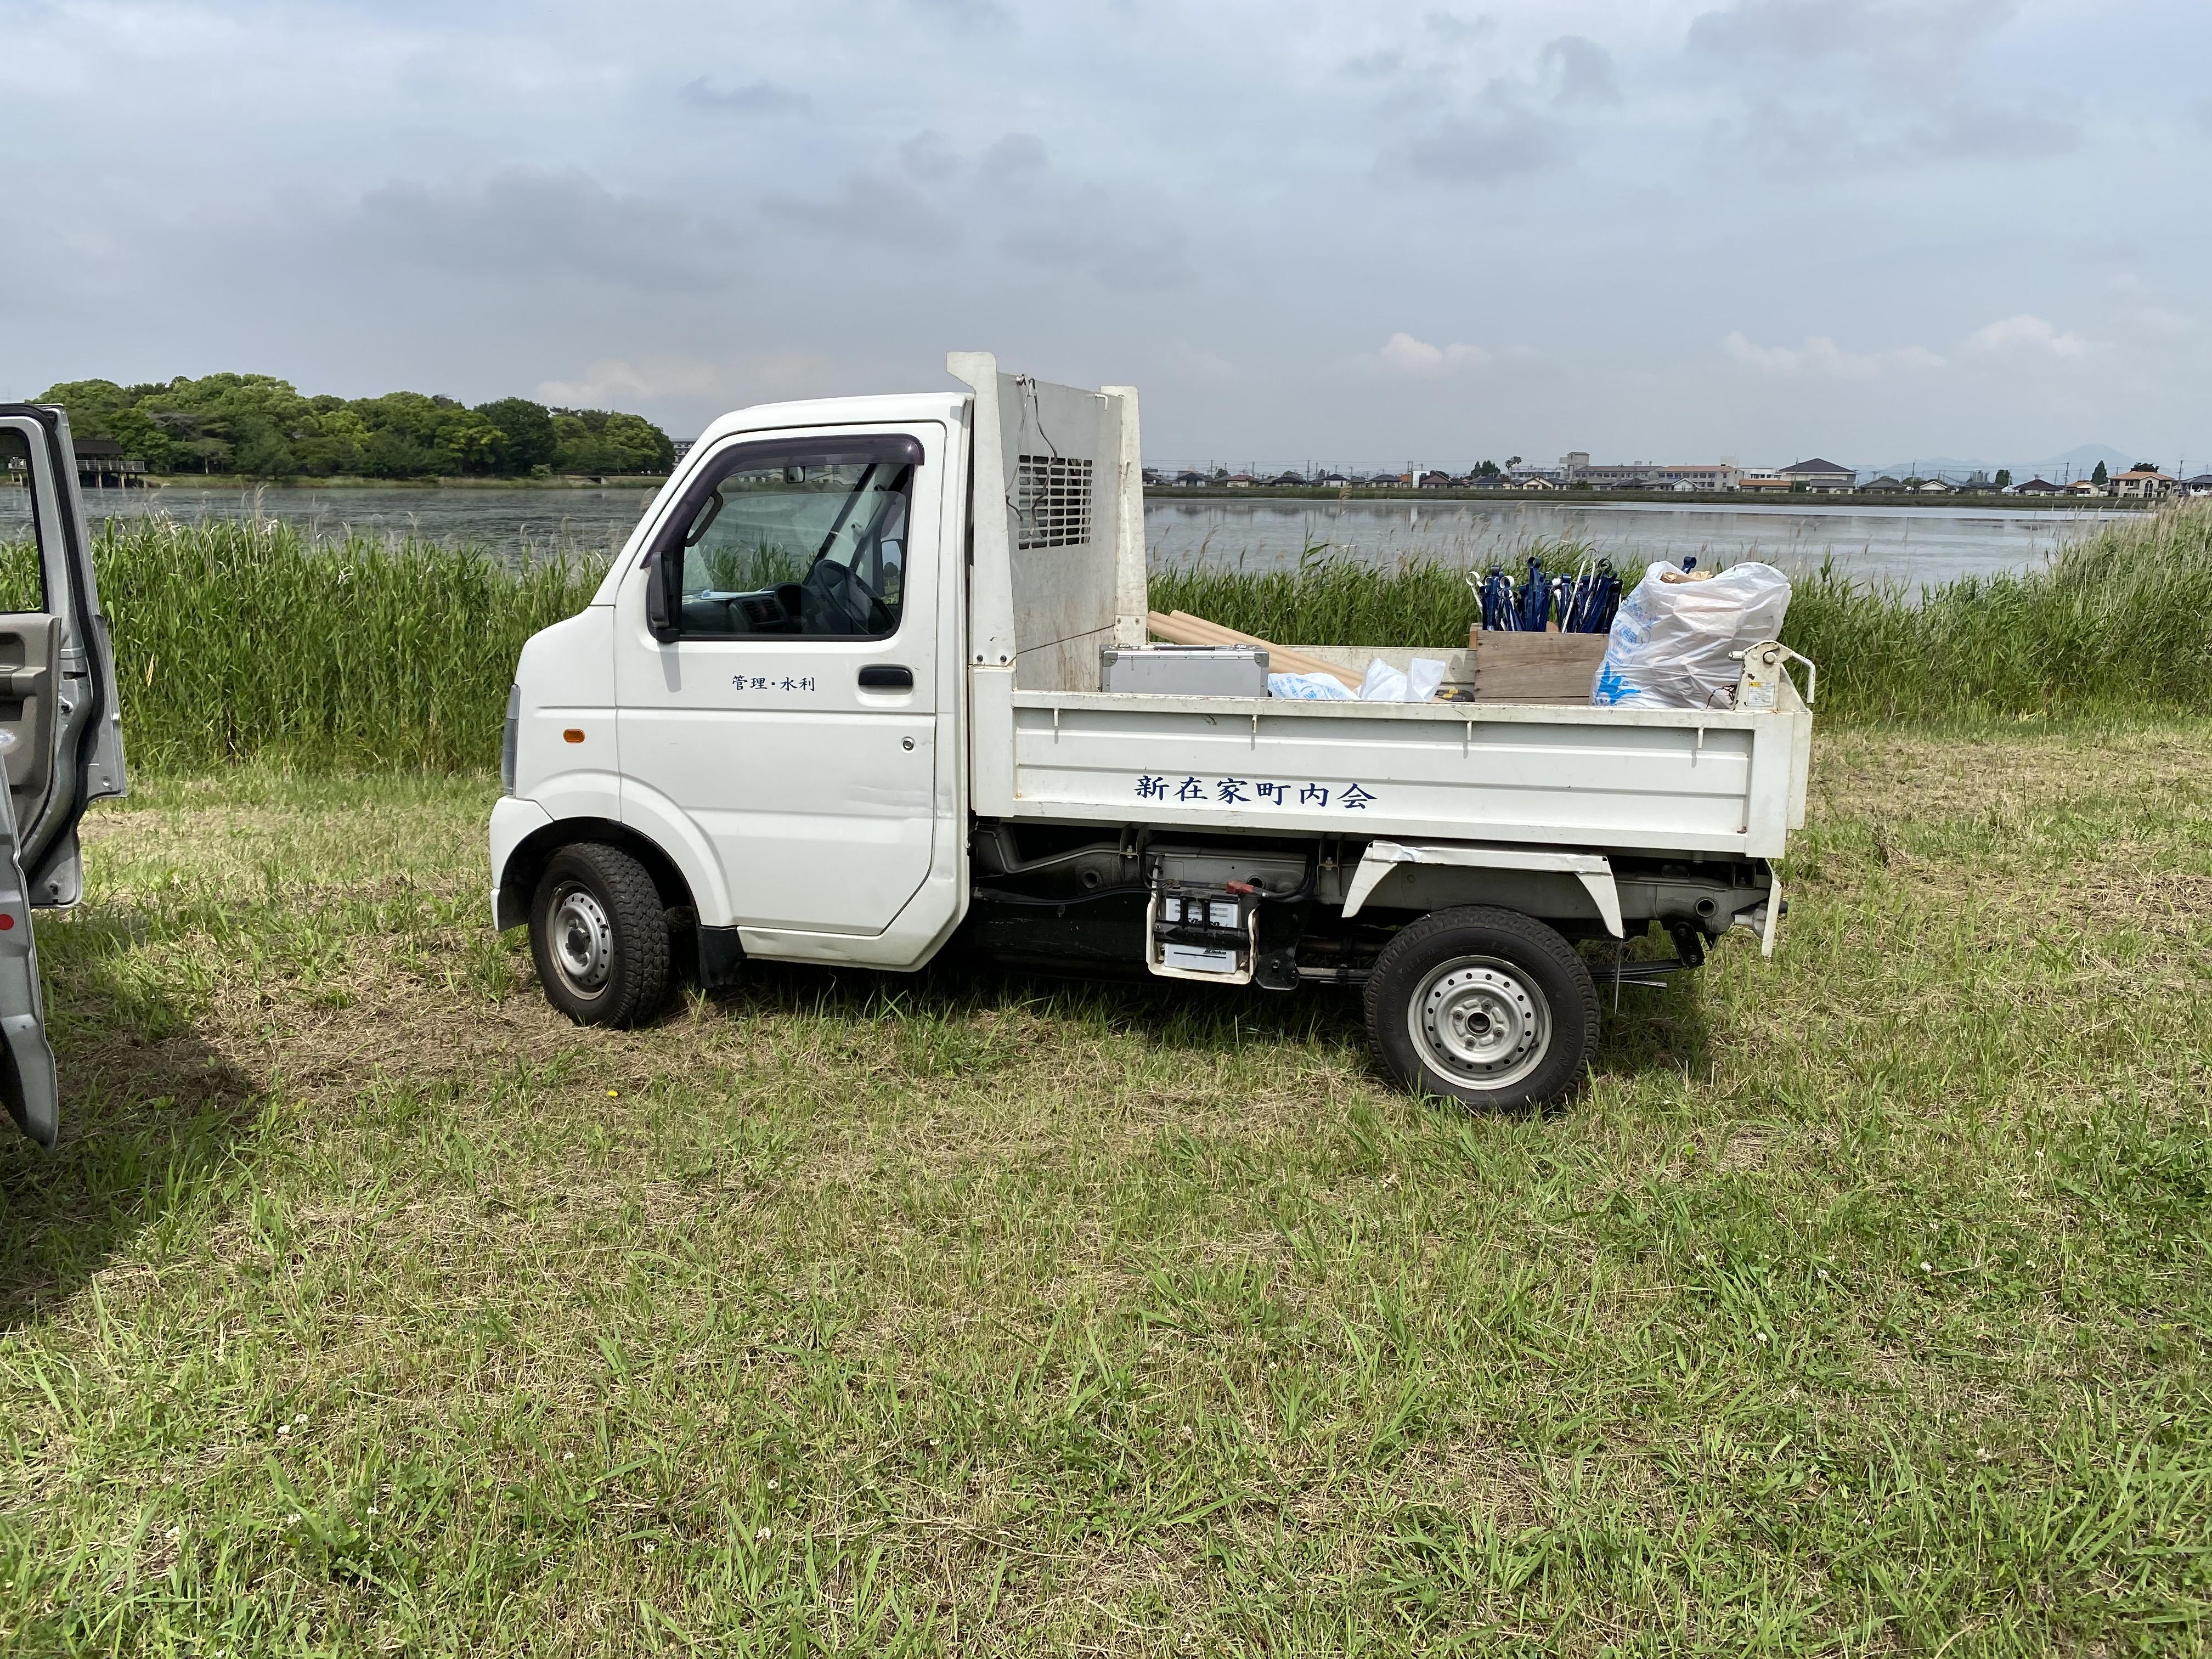 凄いね‼ 新在家町内会用の軽トラックが。便利なんだよね。直ぐ後ろは、寺田池。